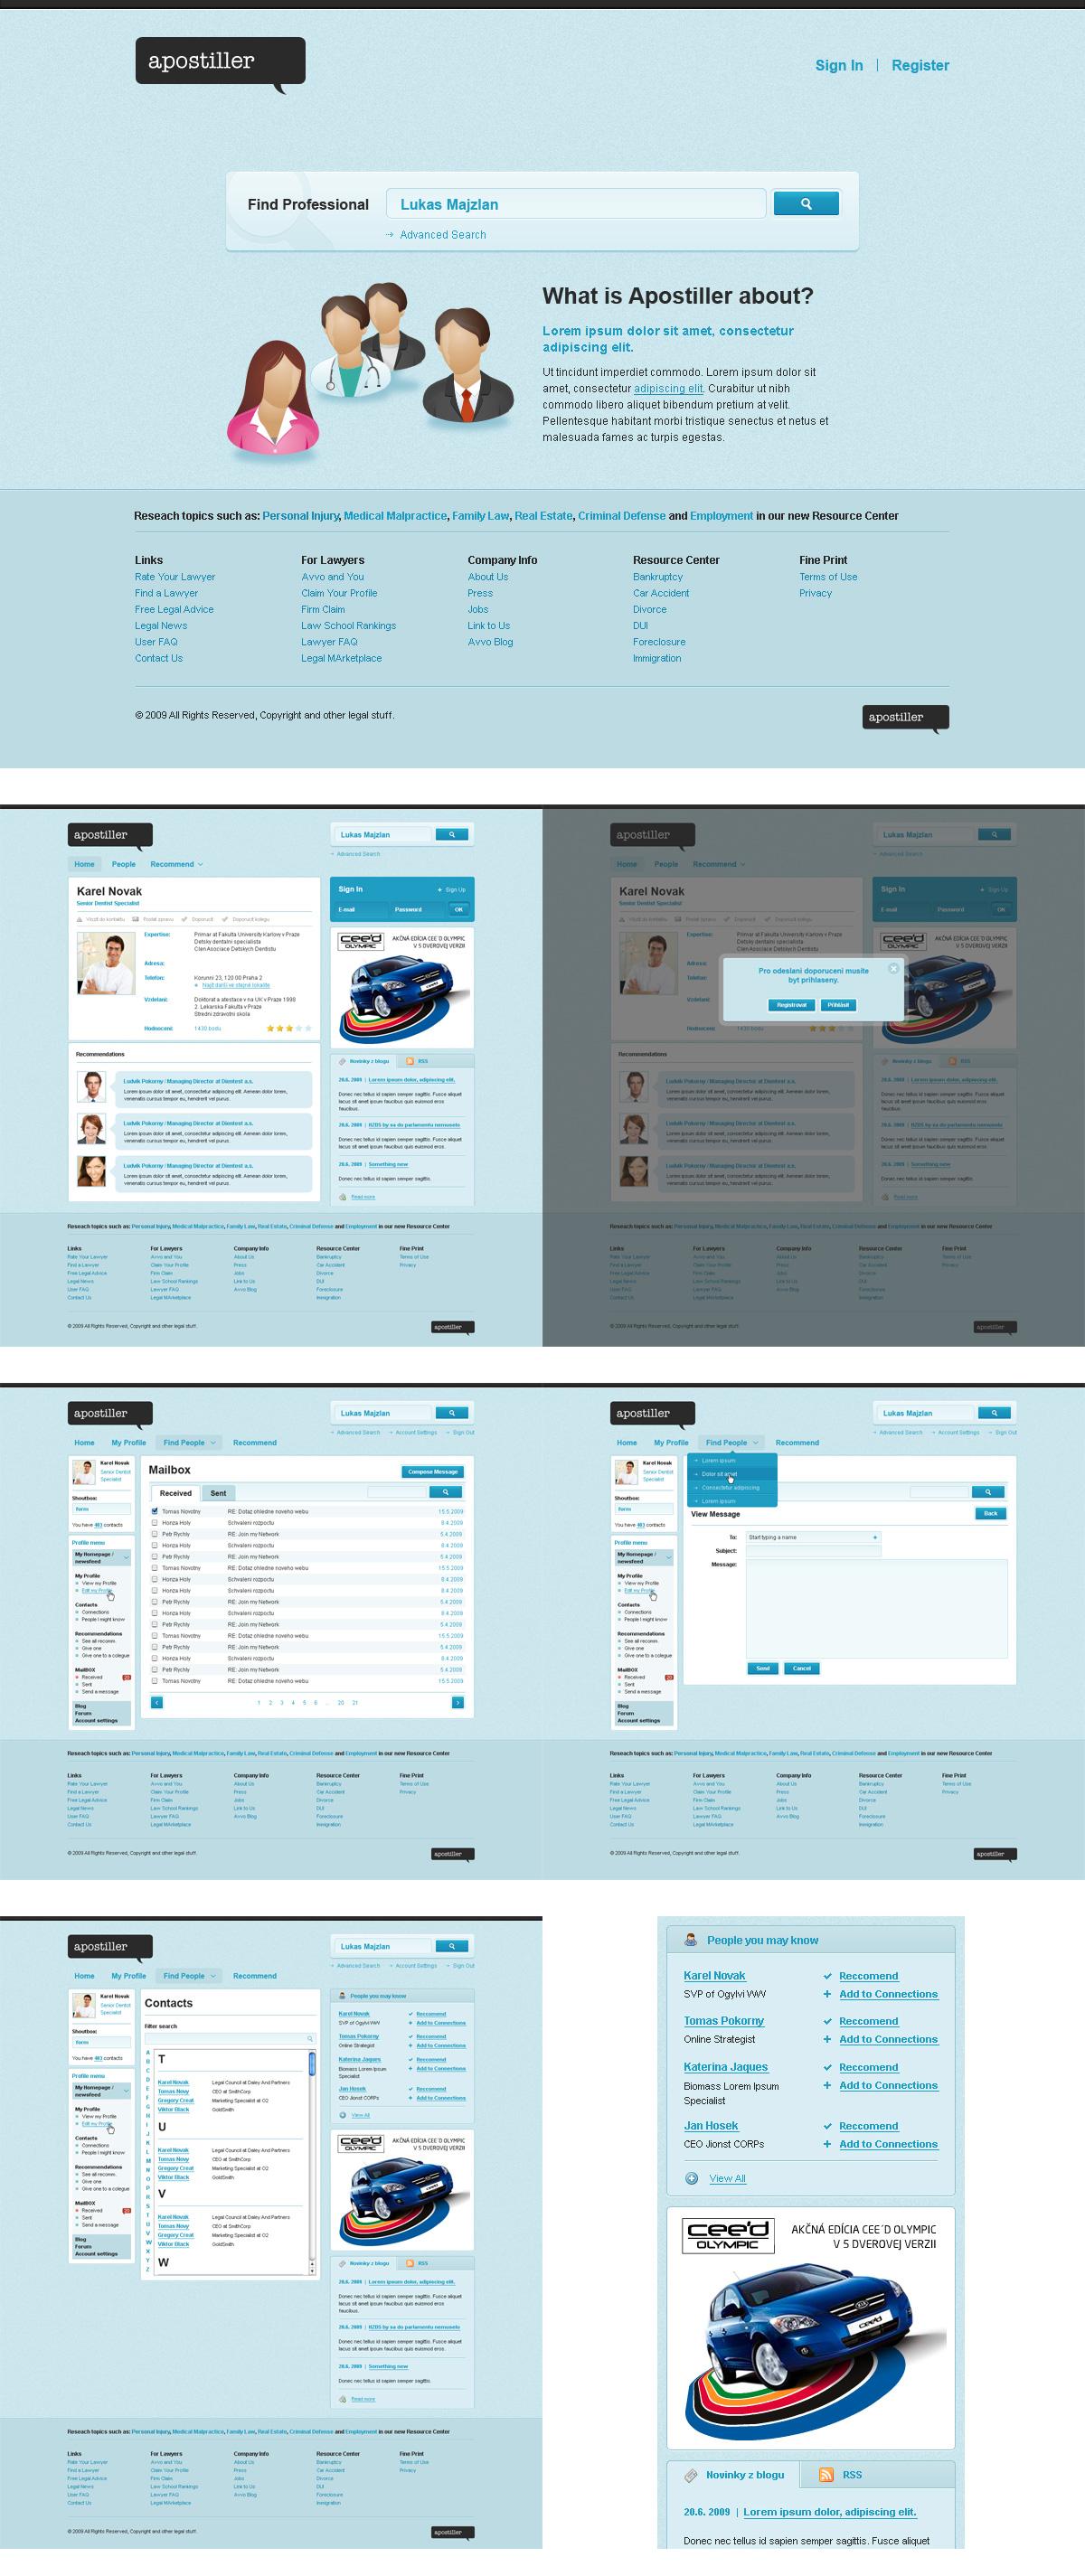 Apostiller social network by luqa